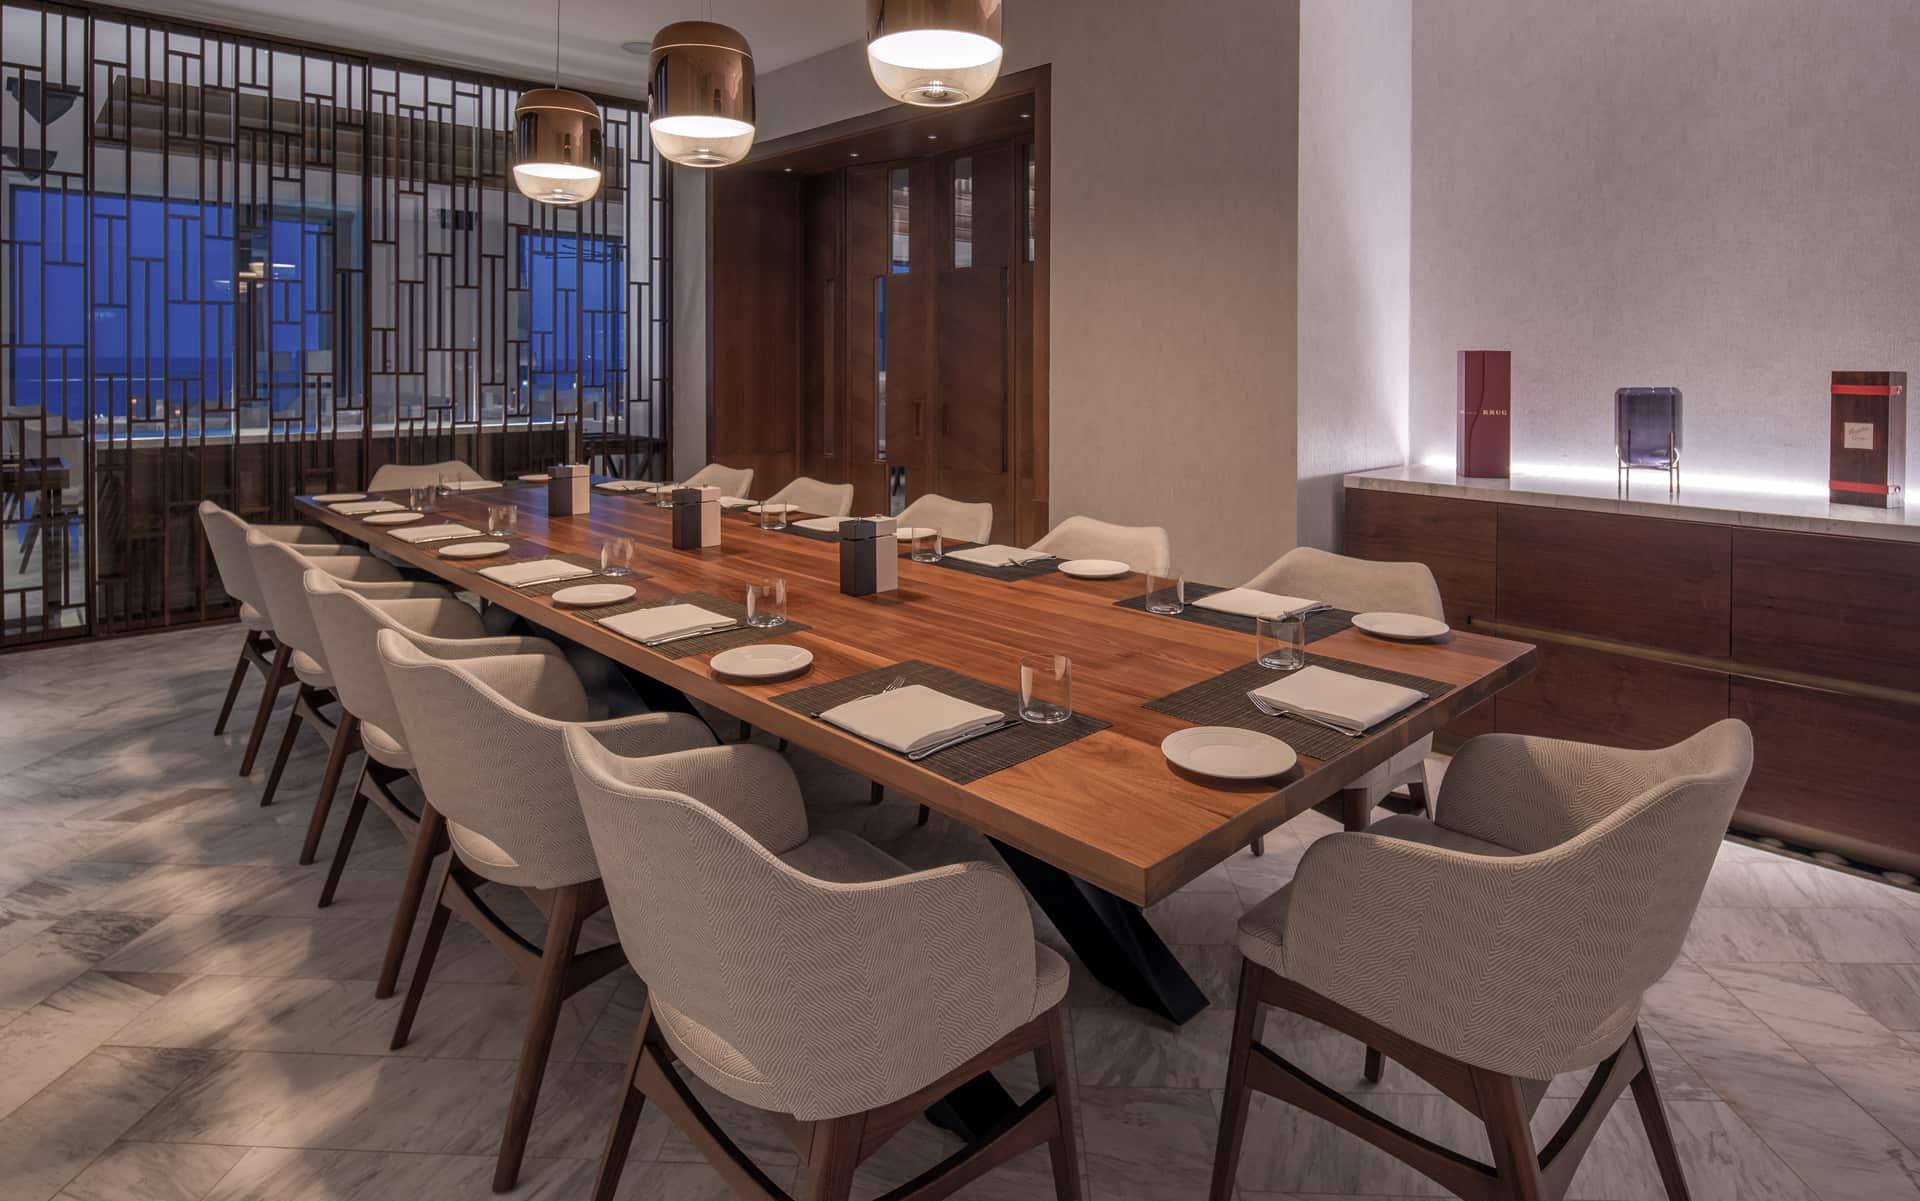 The-Ristorante-Locatelli-Private-Dining-Room-1920×1201-s